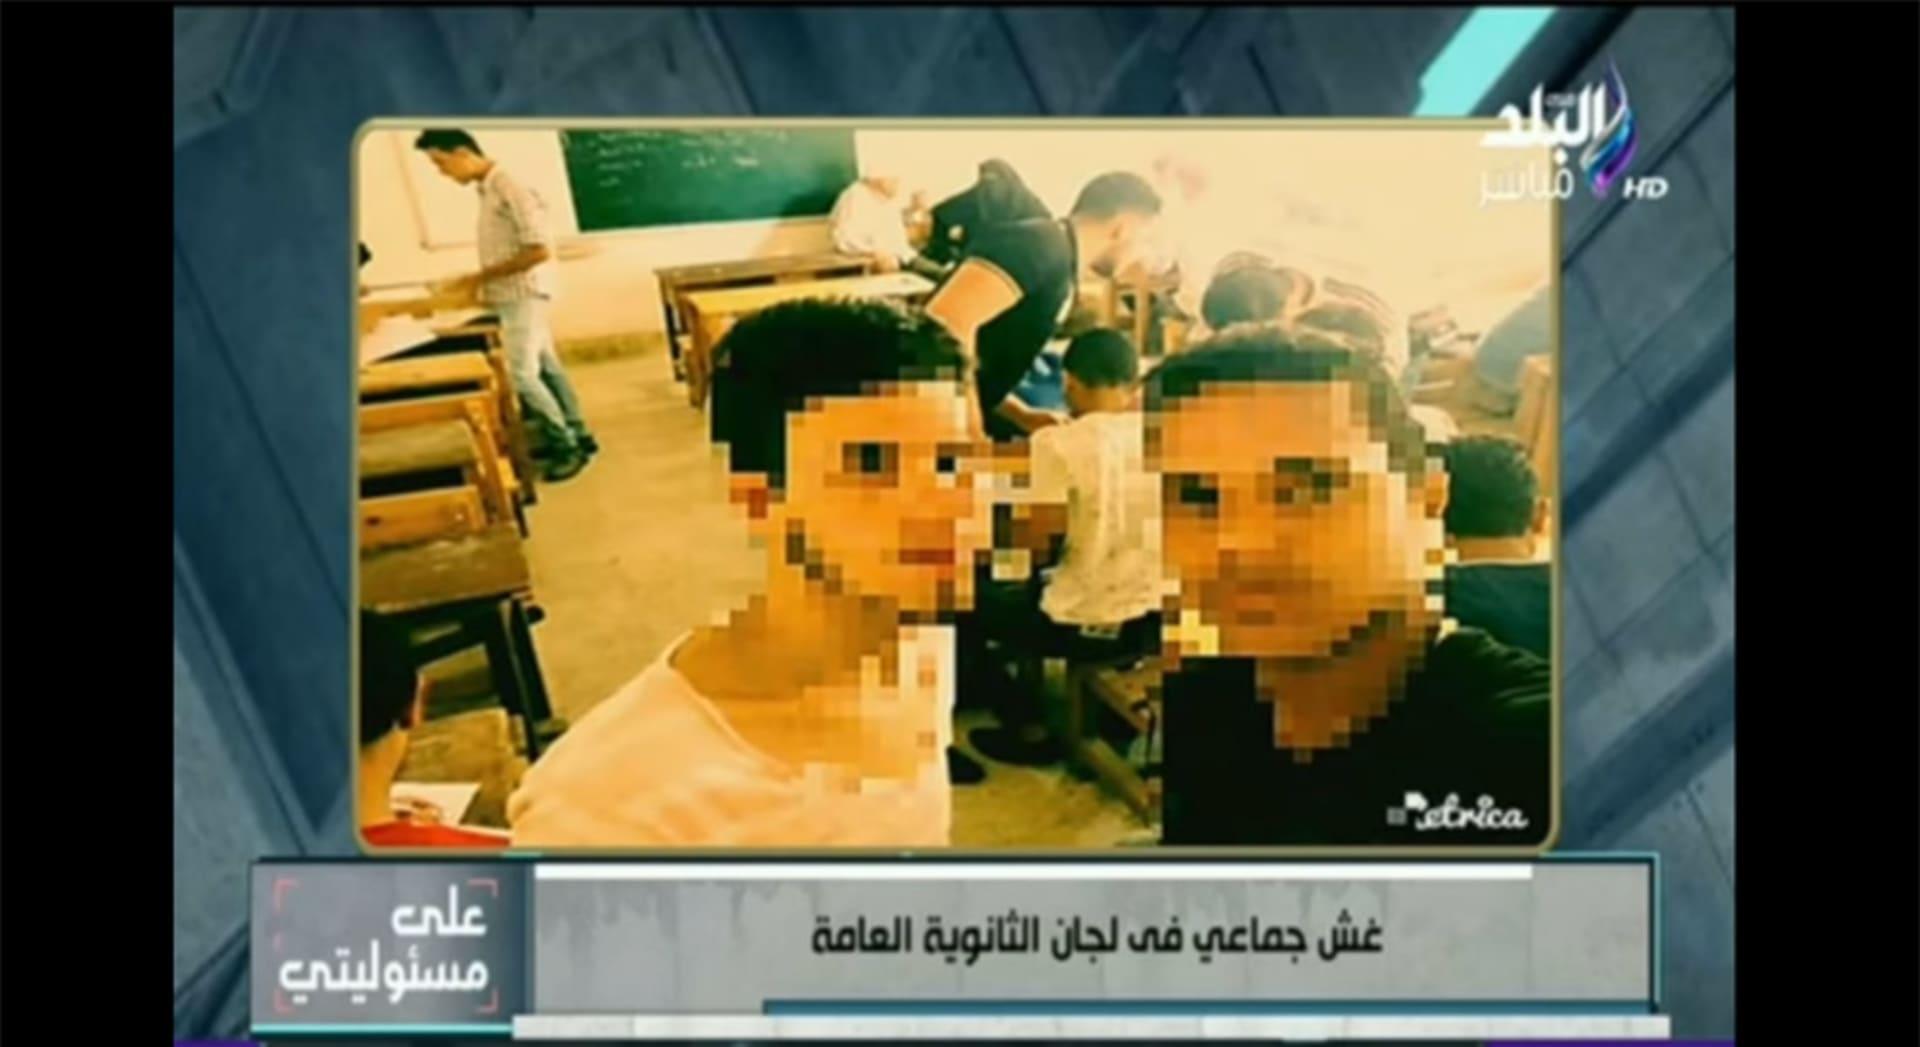 """بالفيديو.. أحمد موسى ينشر صورا للـ""""الغش"""" وتسريب أسئلة امتحانات بمصر: يا حلاوة الأستاذة المنقبة والأستاذ الملتحي بآخر الصورة"""